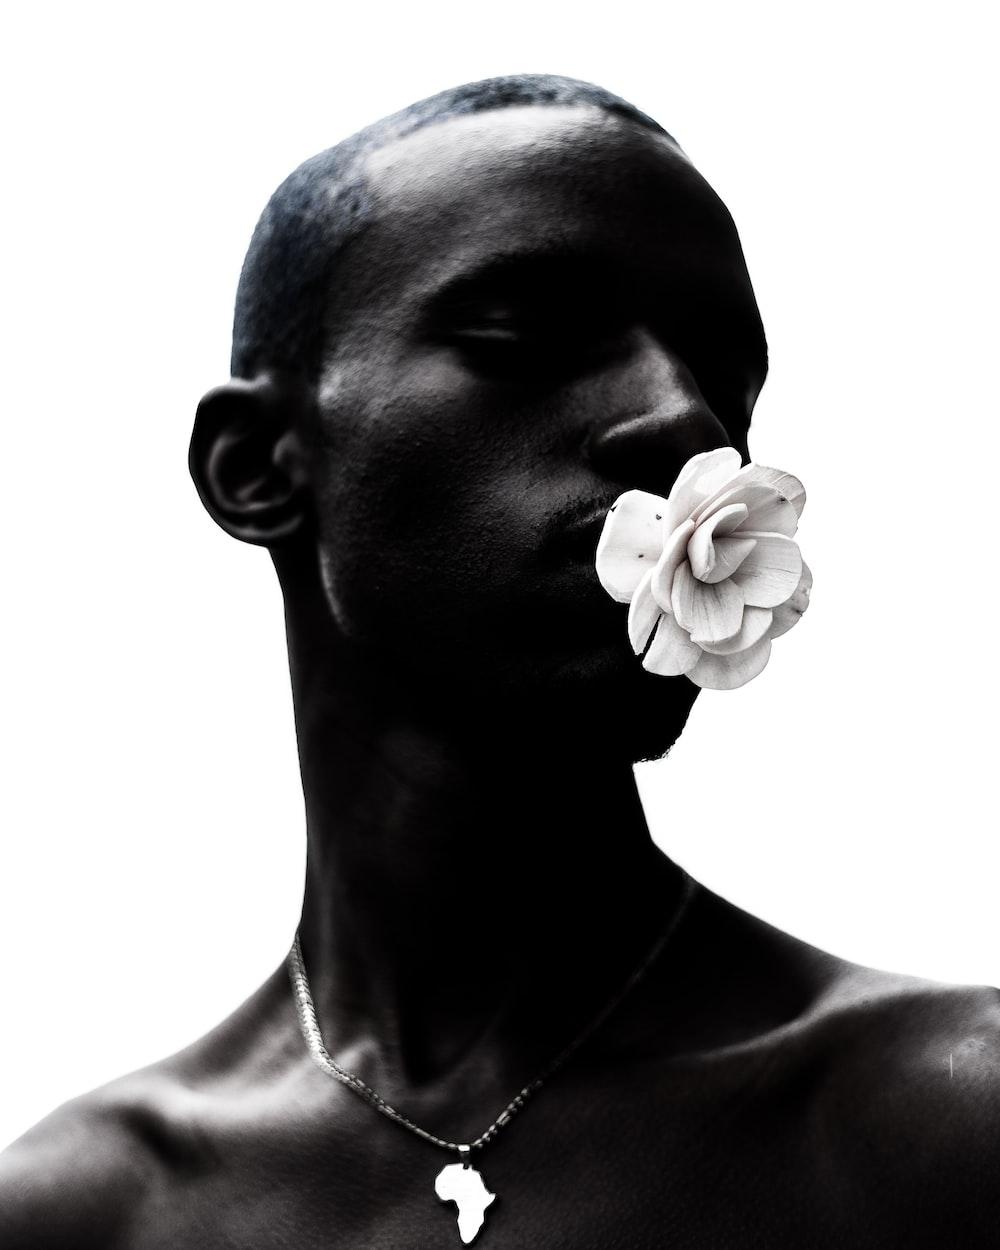 man face close-up photography